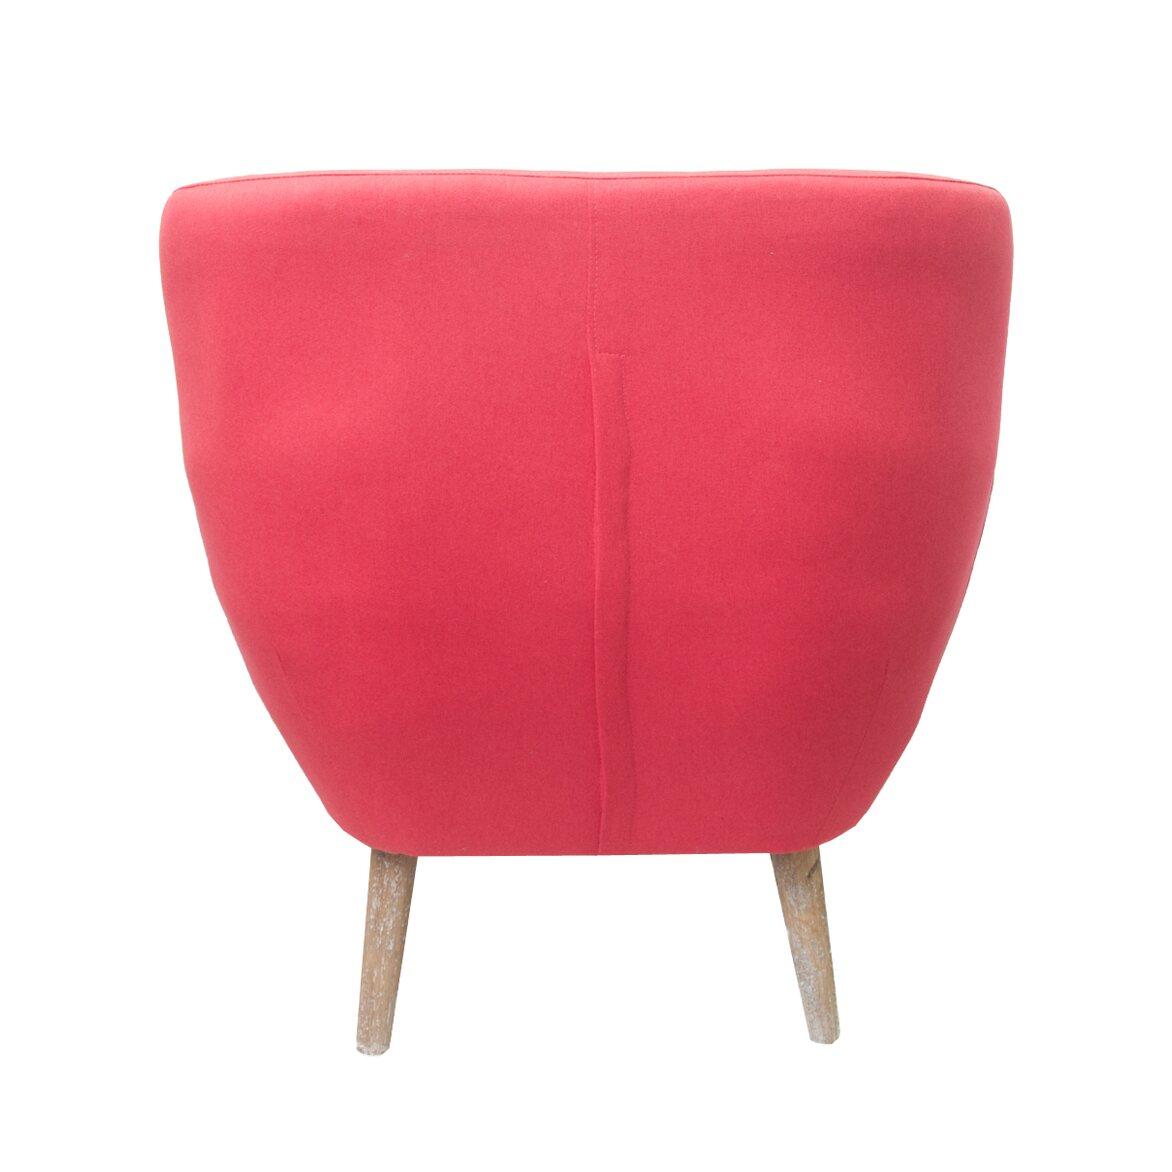 Низкое кресло Fuller red 3   Маленькие кресла Kingsby